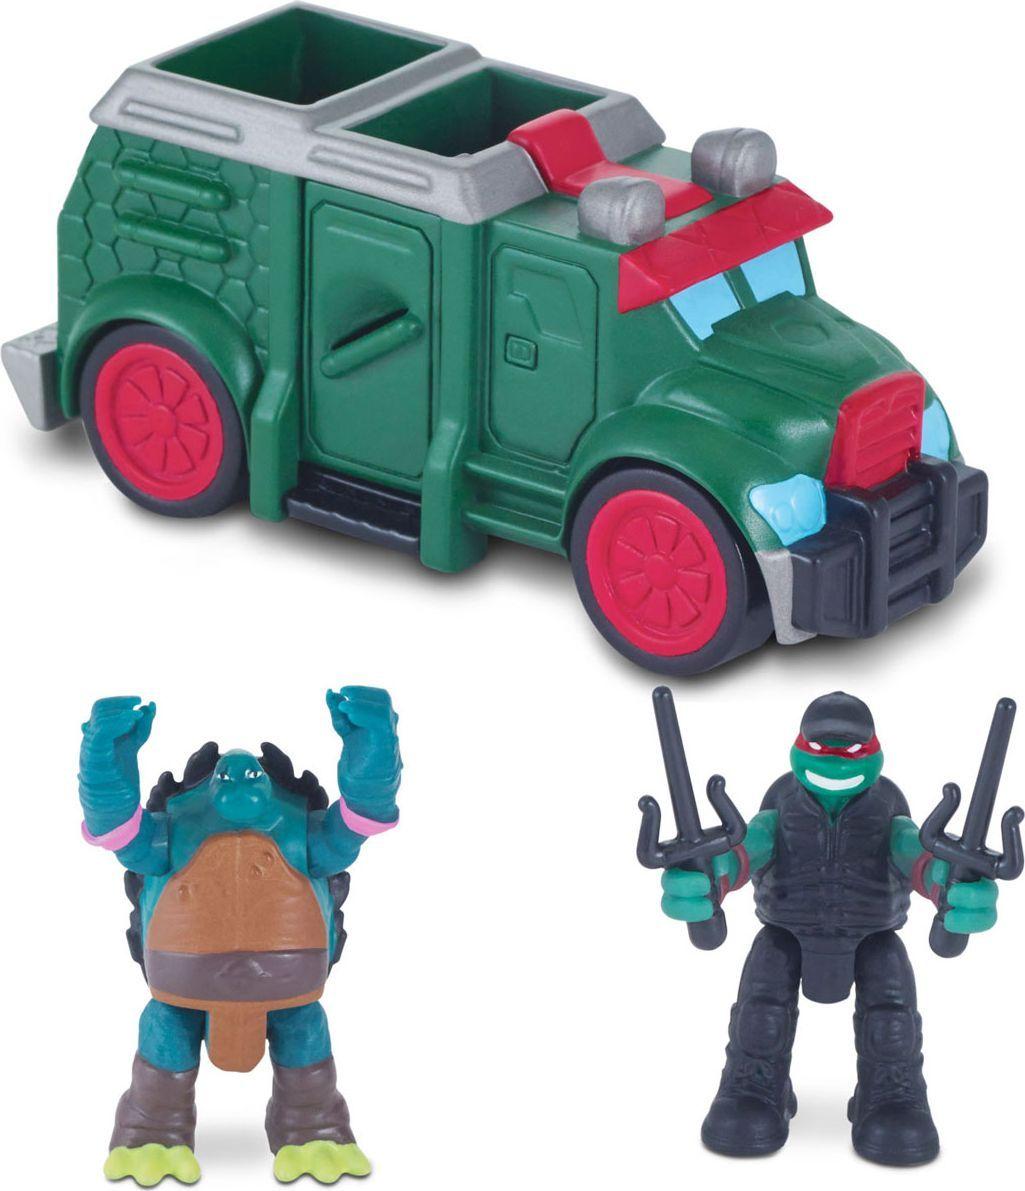 Черепашки Ниндзя Игровой набор Бронированный грузовик playmates toys гидроцикл черепашки ниндзя